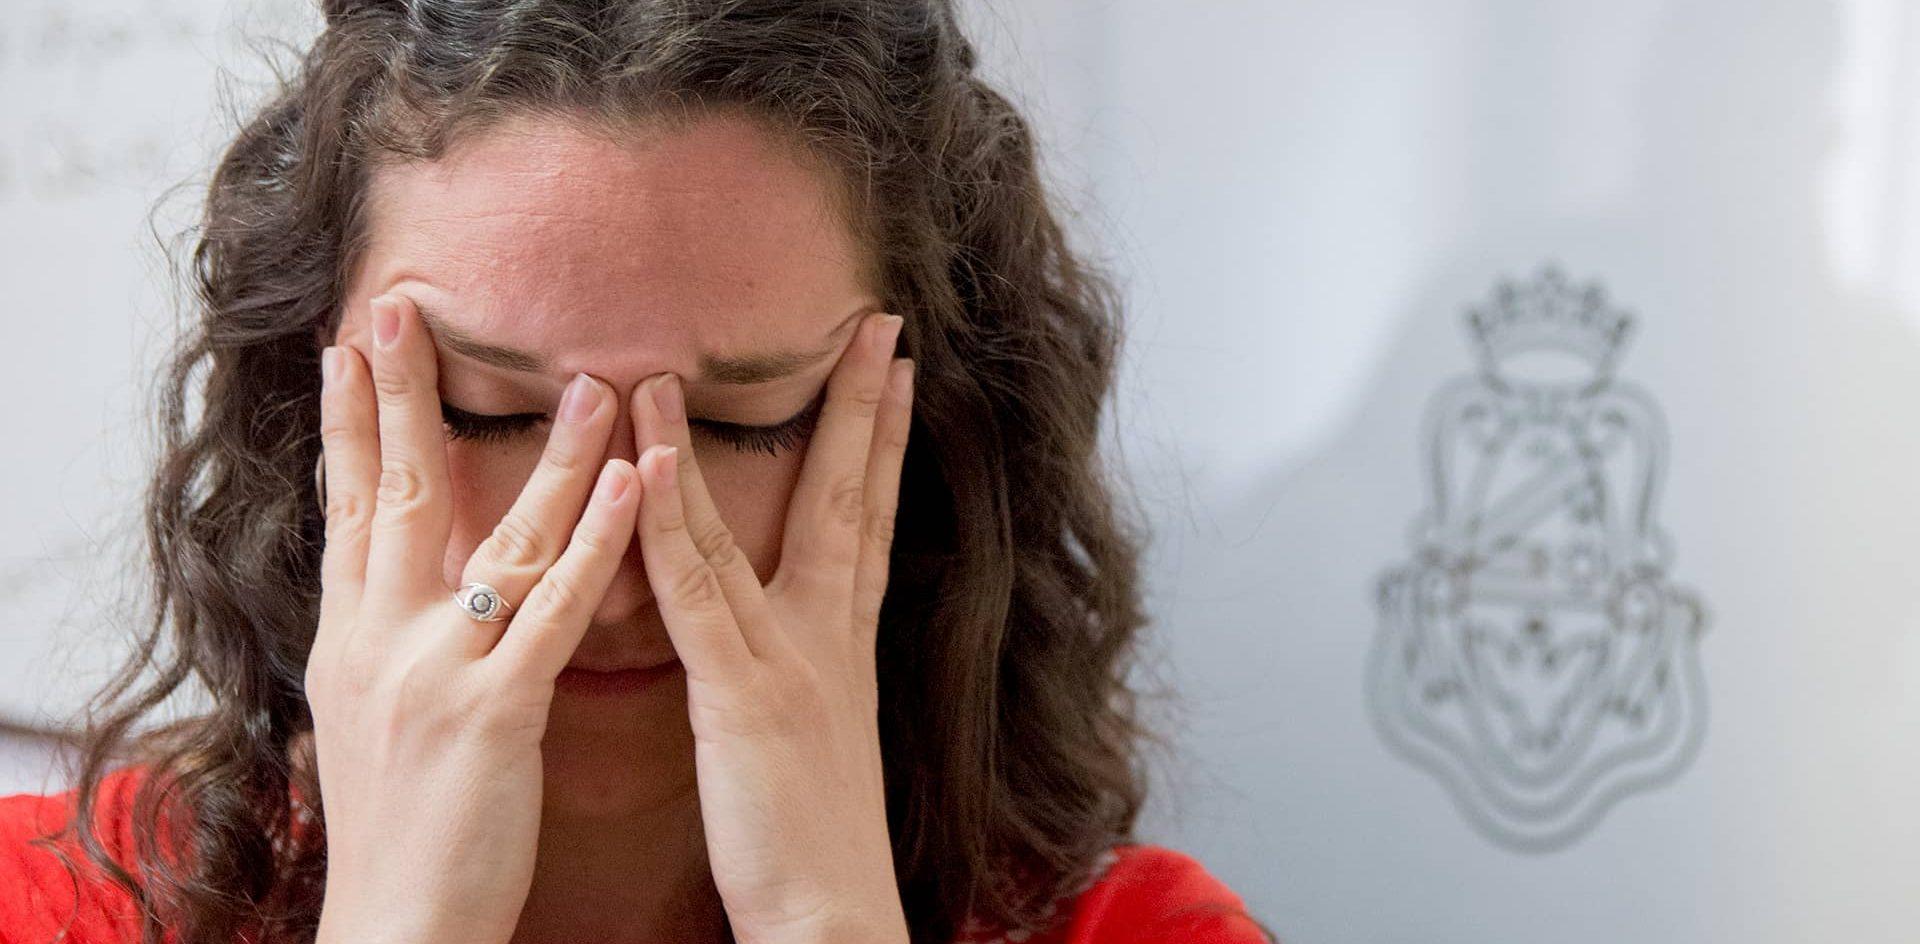 Cómo disminuir la ansiedad ante los exámenes orales